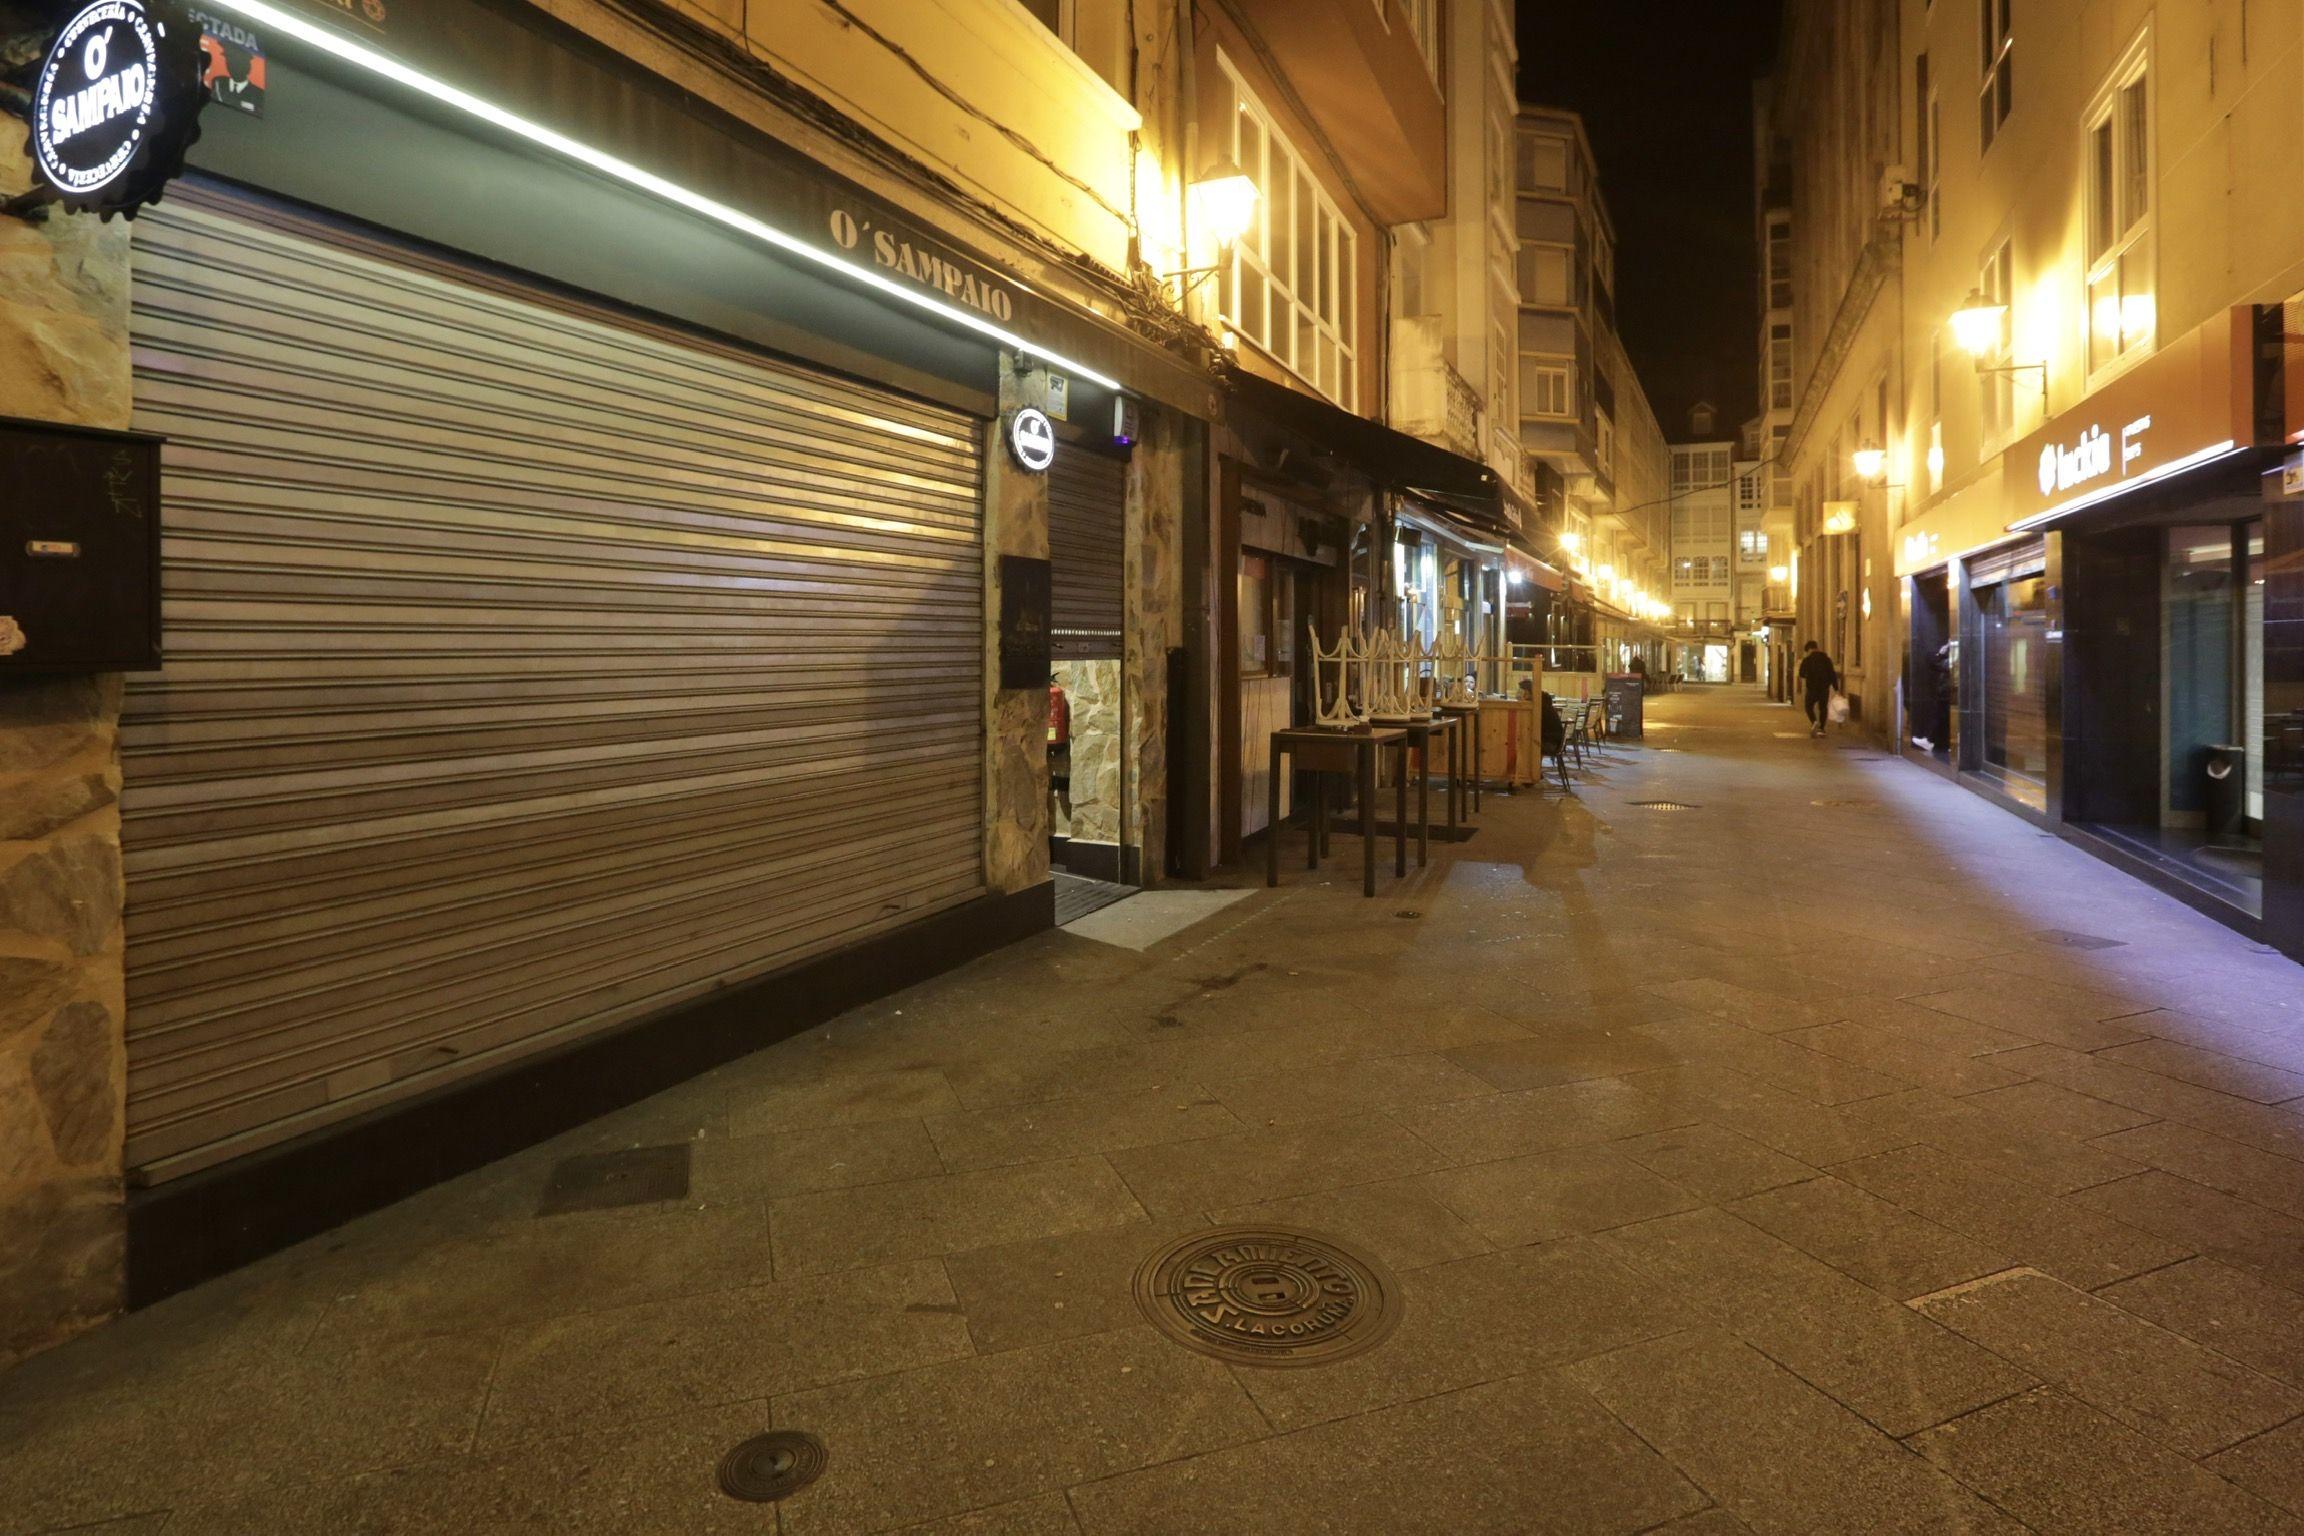 pasiva.Negocios de hostelería cerrados desde las 0 horas del sábado en la zona de la Barrera en A Coruña